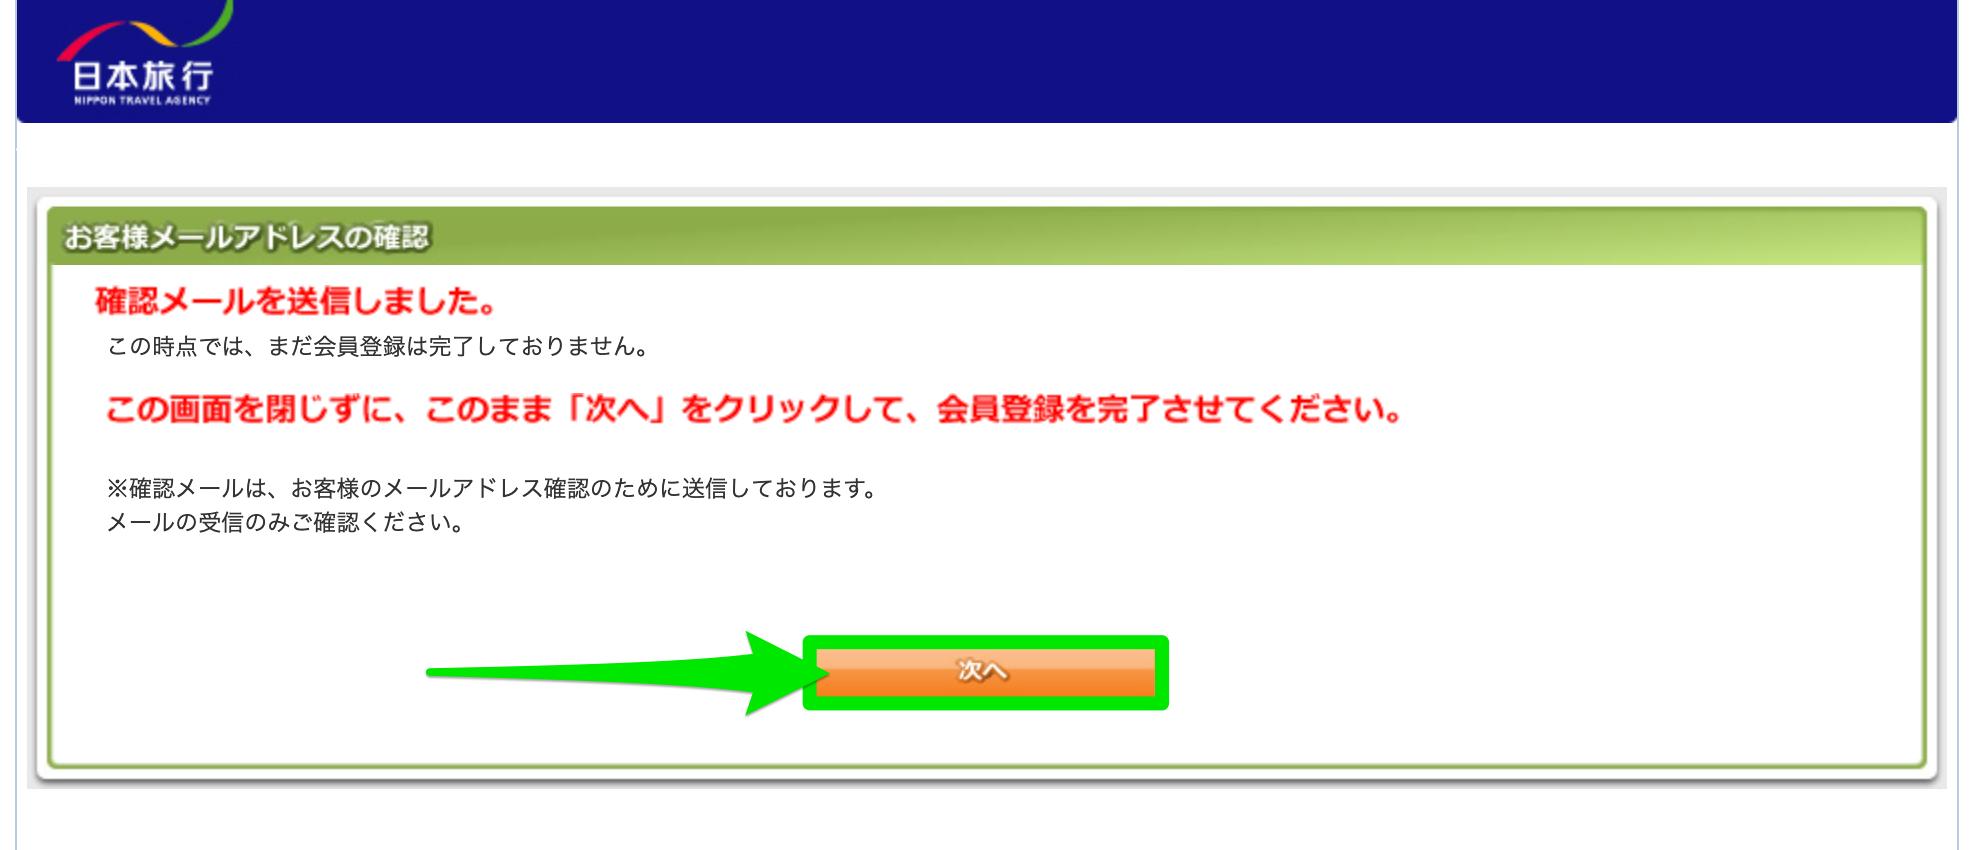 日本旅行の無料会員登録の手続きでメールアドレスを認証